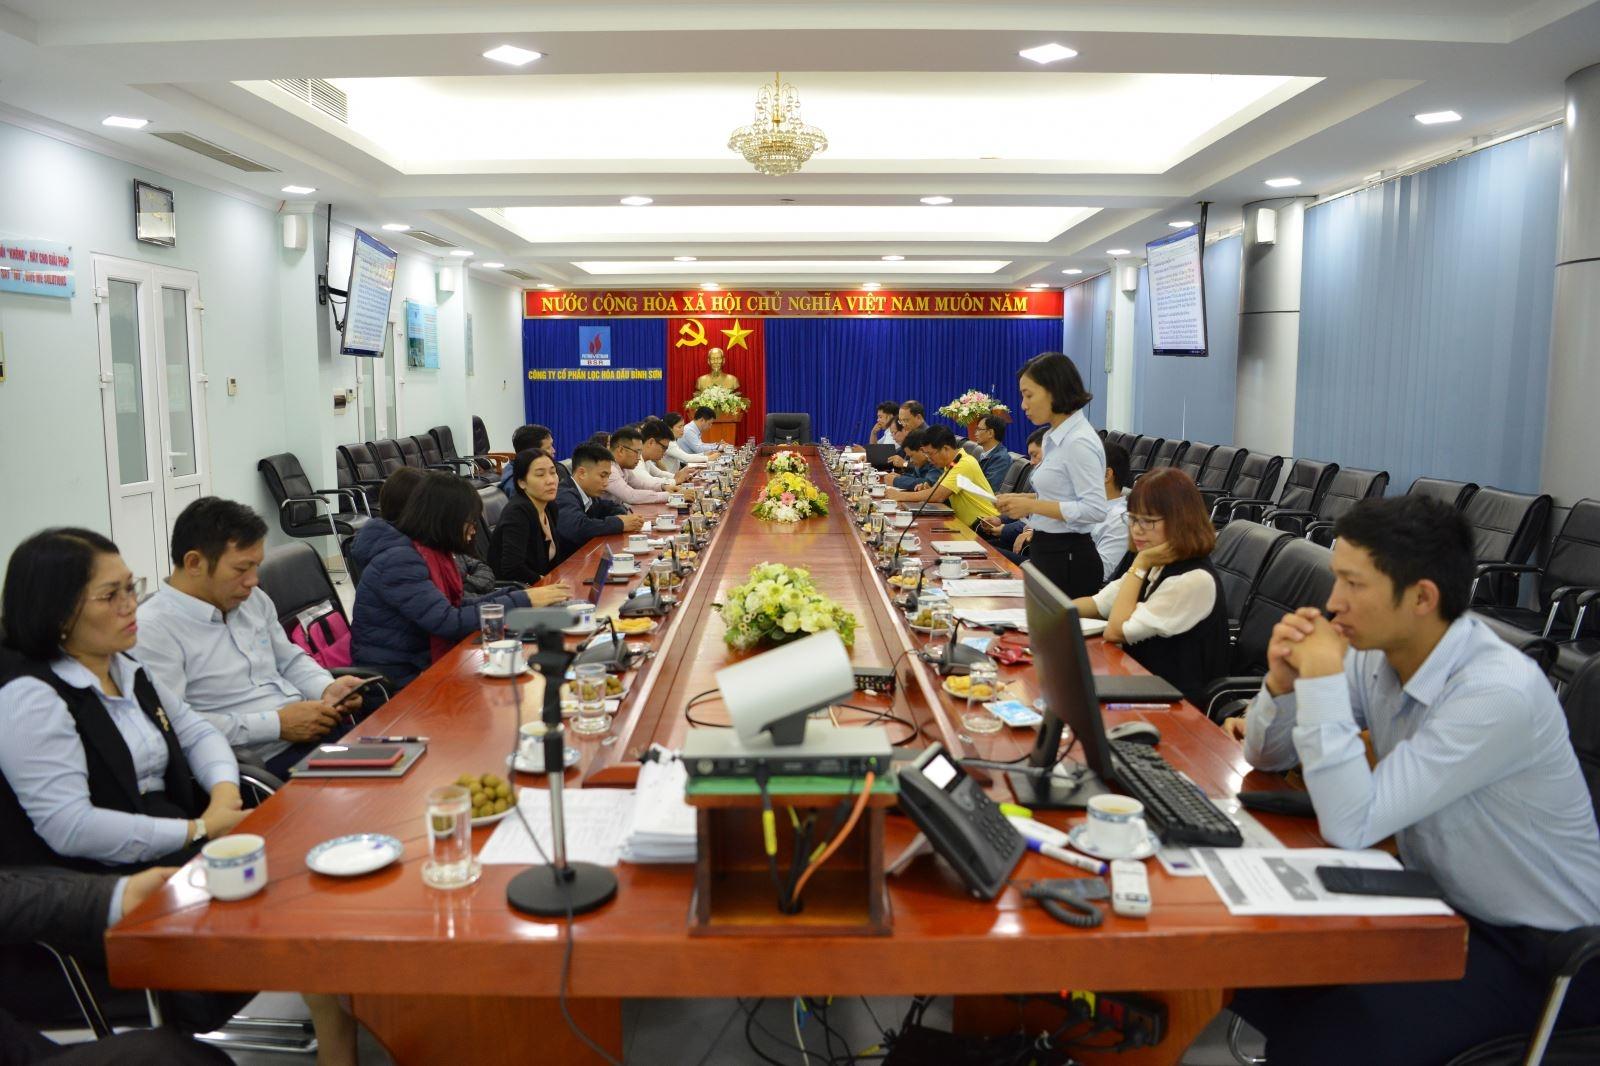 BSR - Gặp mặt Cộng tác viên pháp lý nhân Ngày Pháp luật Việt Nam (9/11)